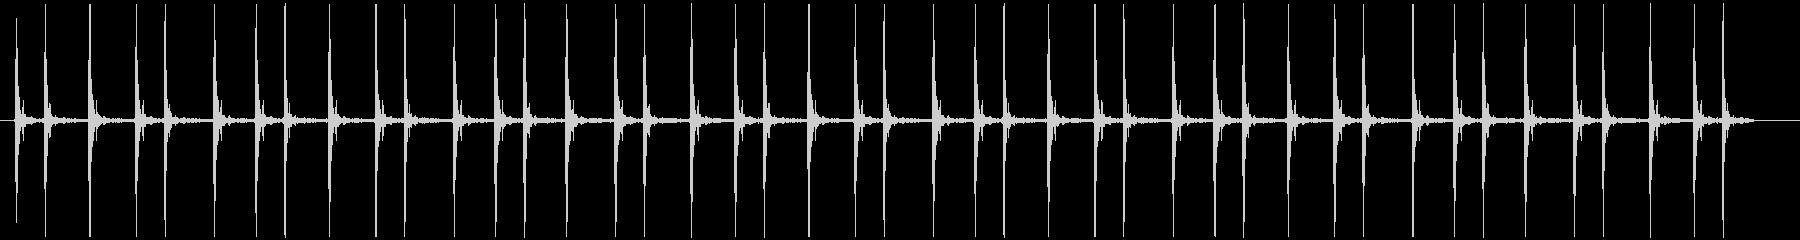 震える慌てる コミカル長めカタカタカタ…の未再生の波形